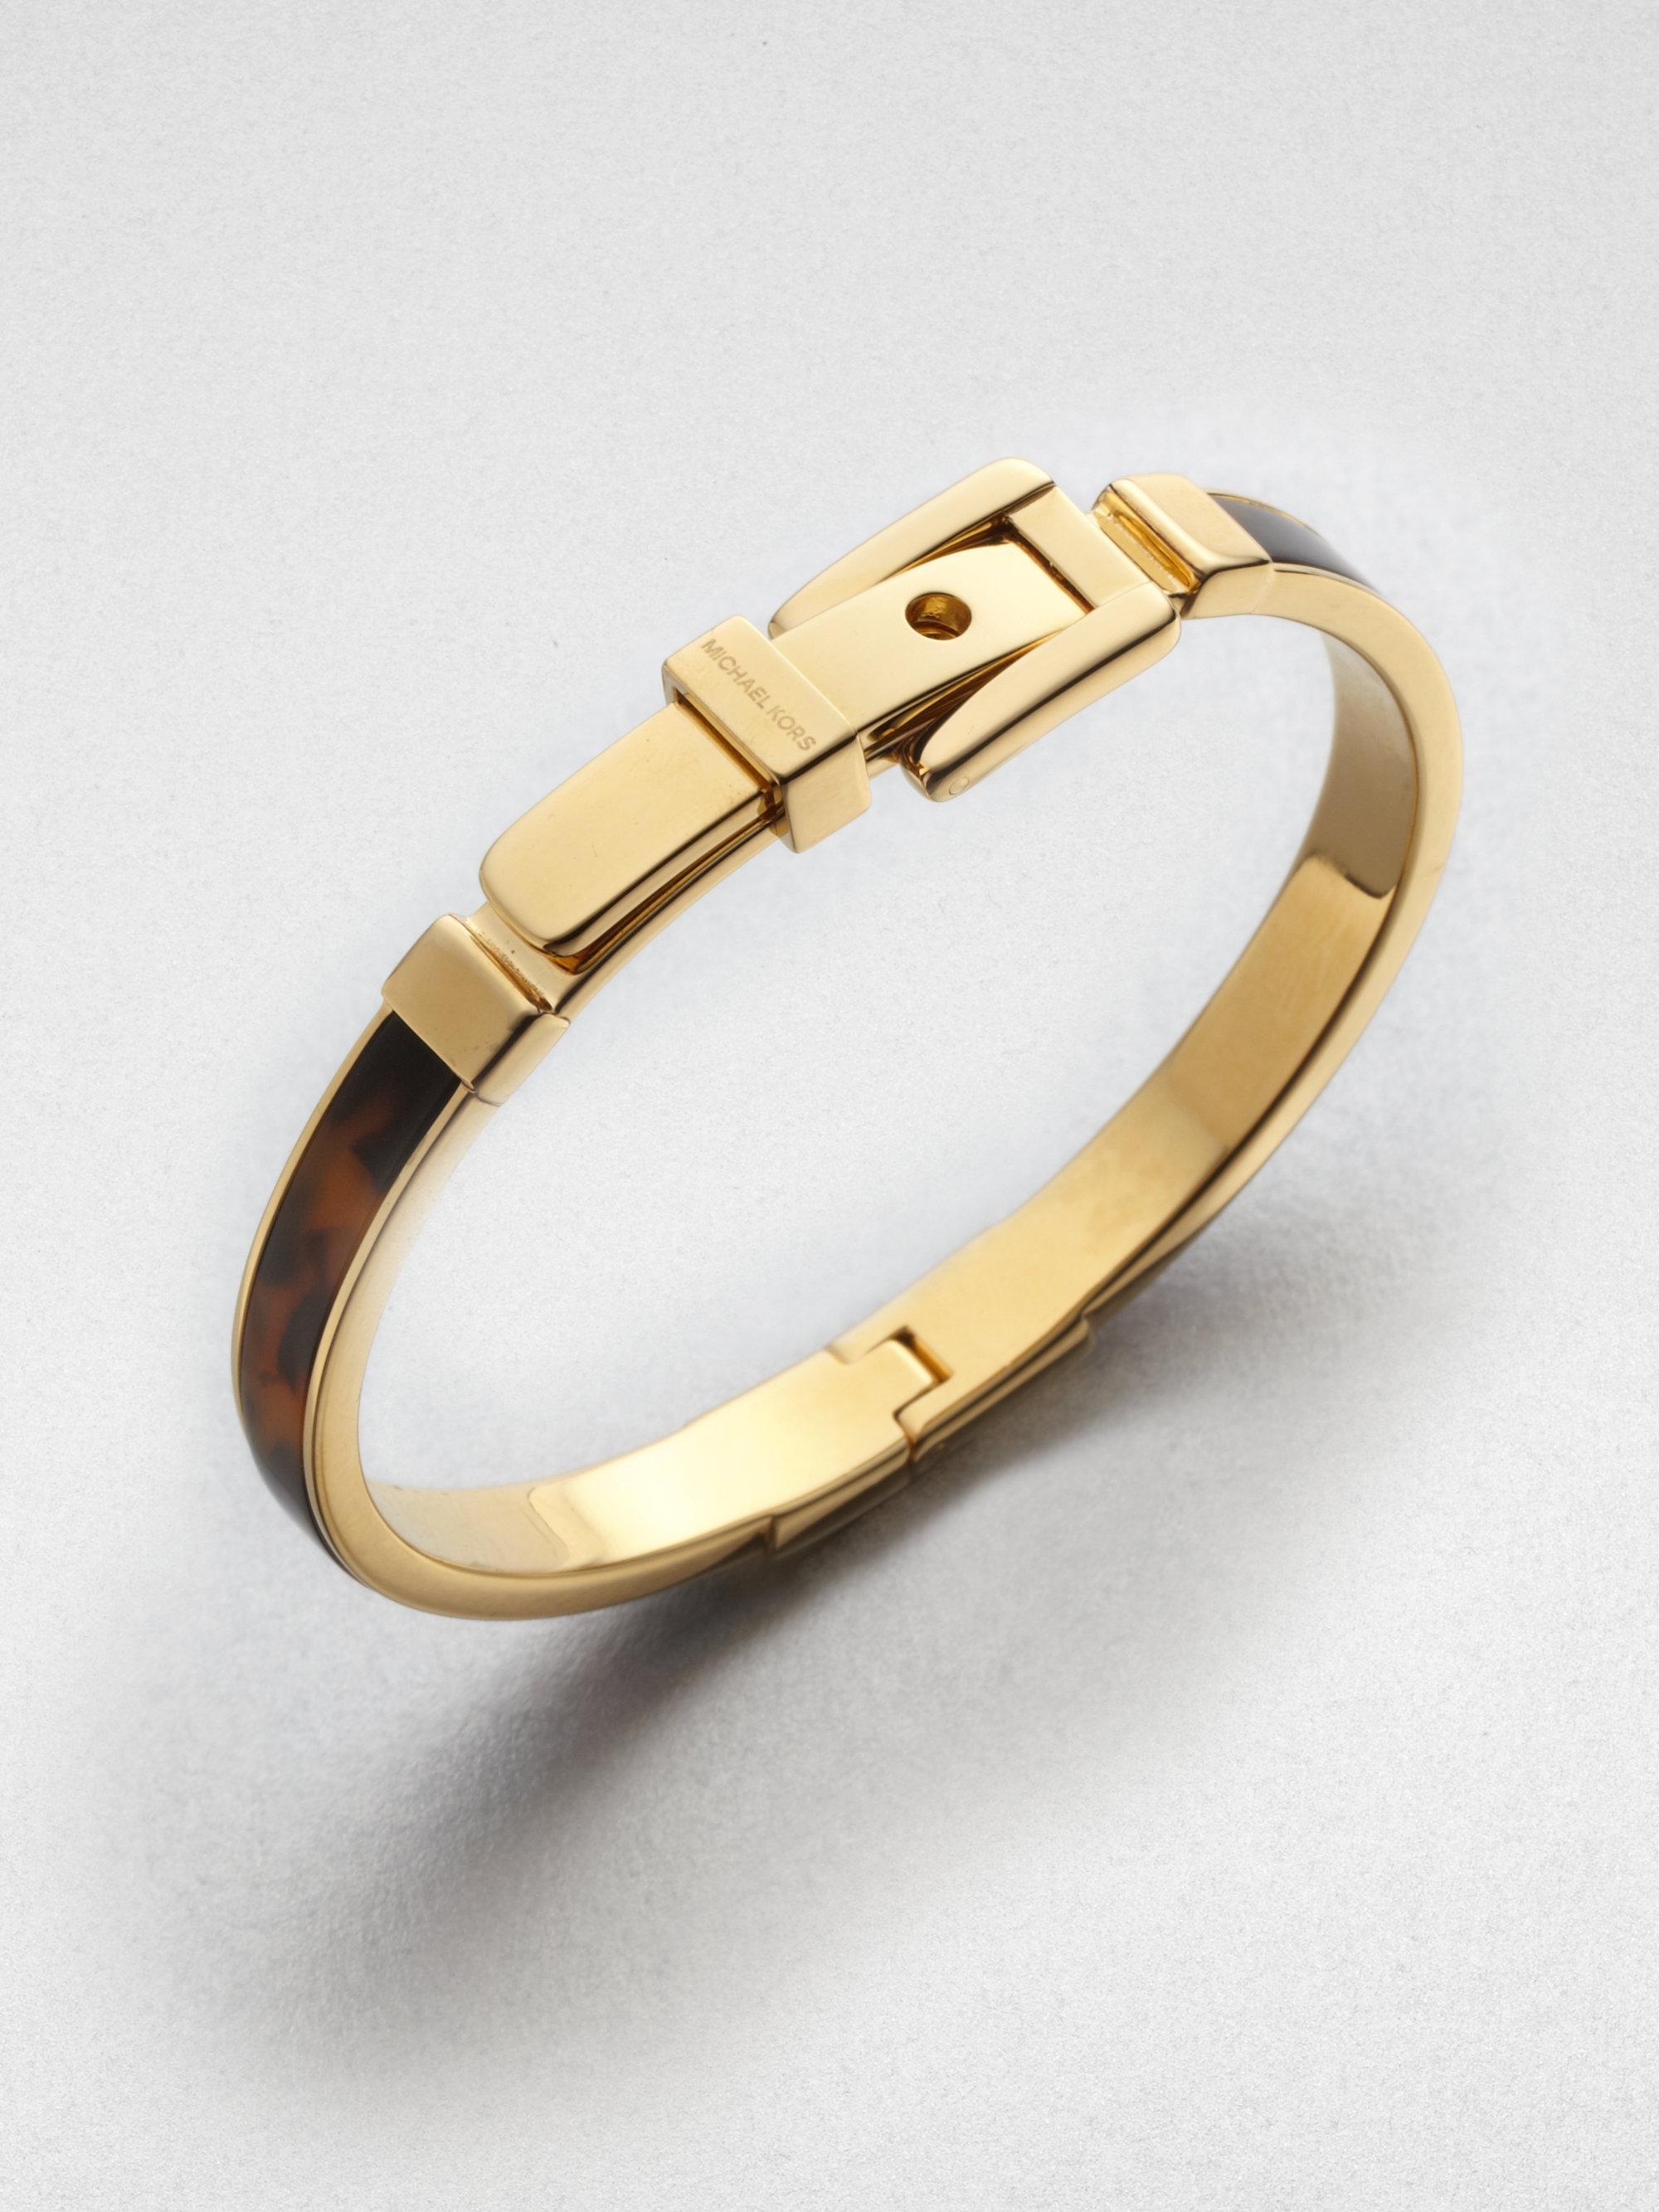 michael kors tortoise pattern buckle bangle bracelet in. Black Bedroom Furniture Sets. Home Design Ideas